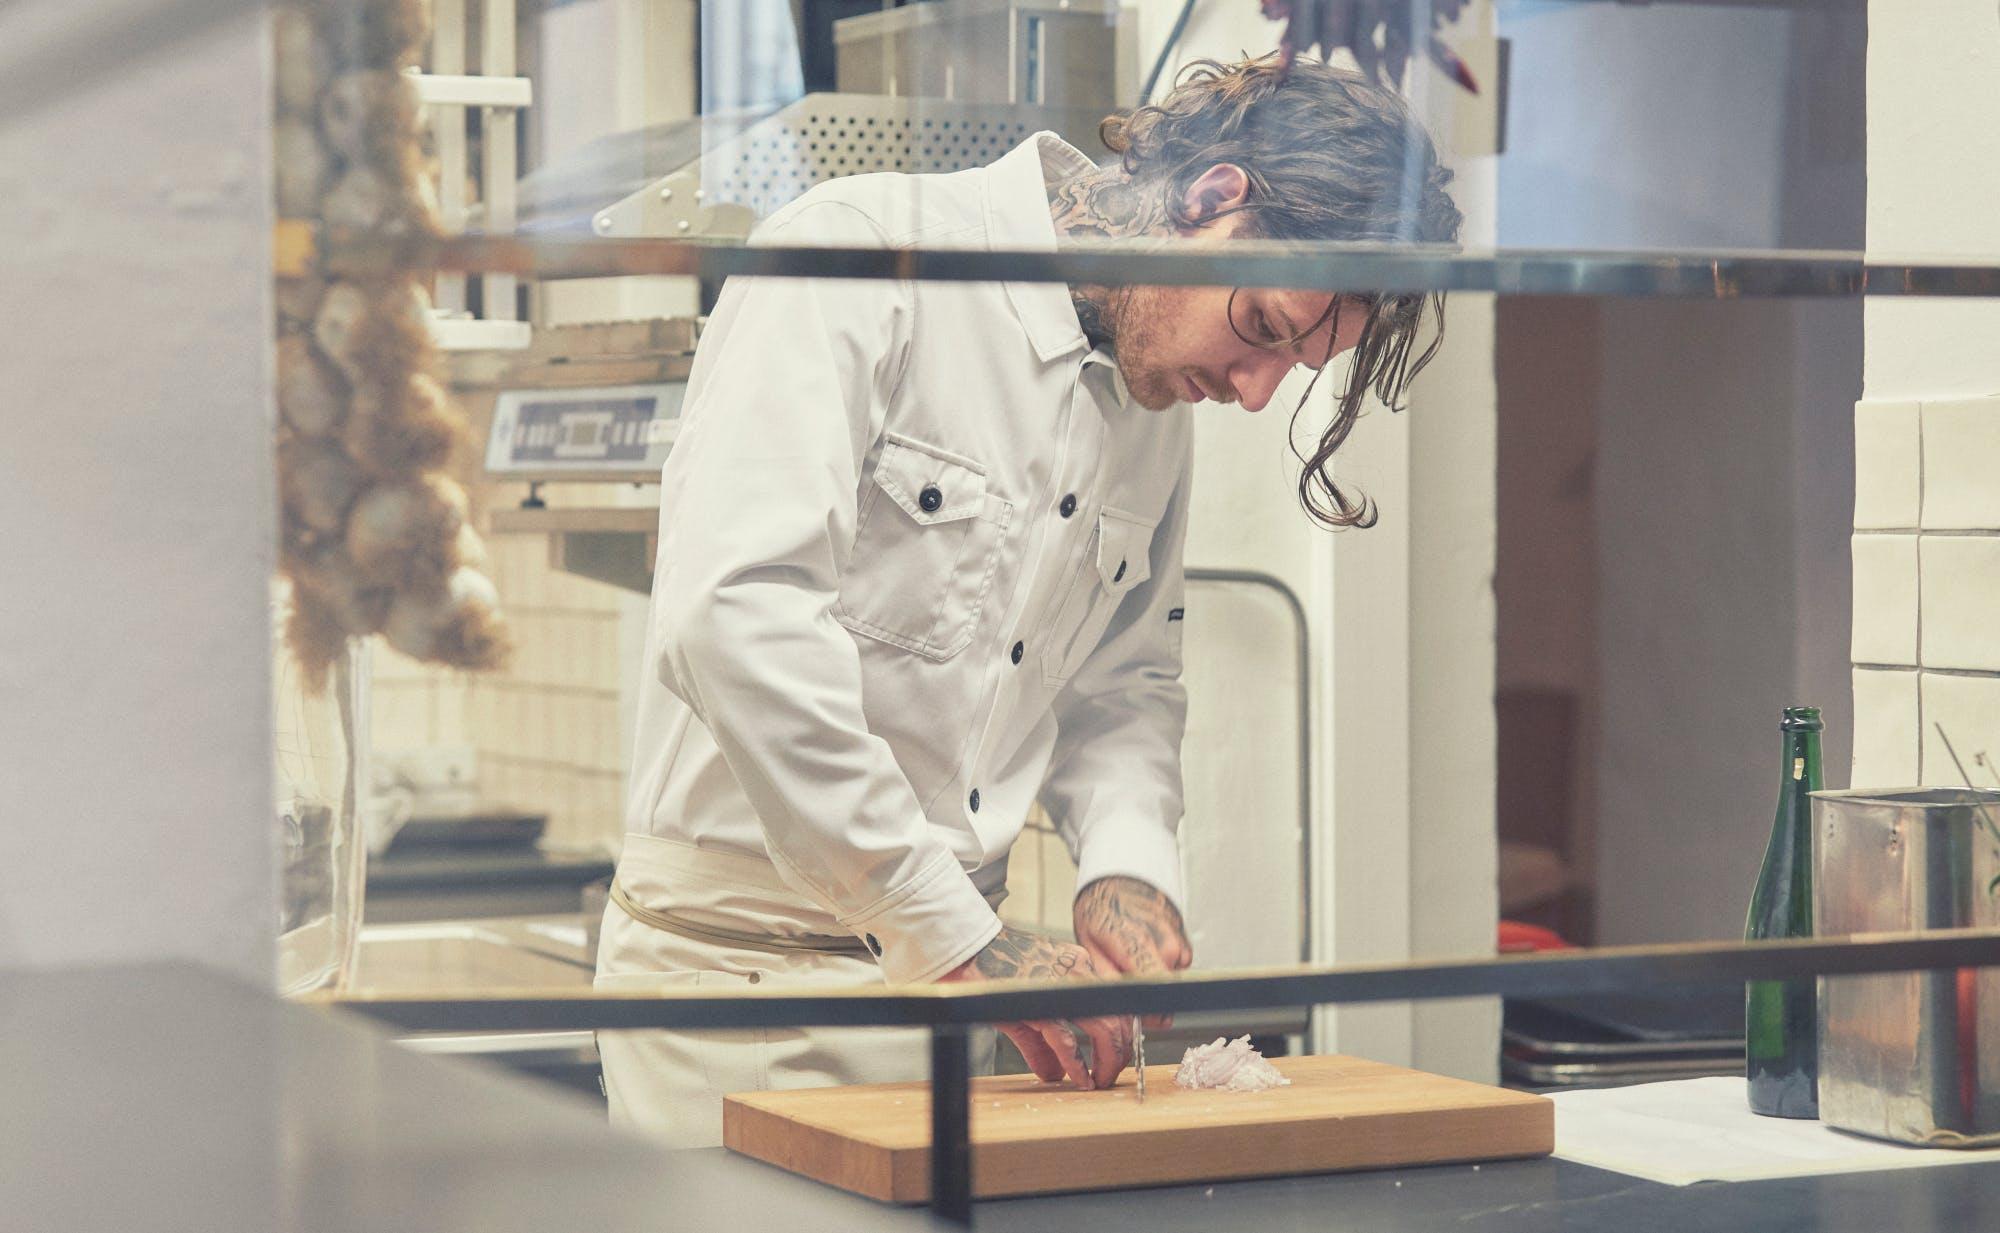 Arbejdstøjsfabrikanten Kentaur bruger materialer fra genbrugsplastflasker, når de producerer kokketøj. Foto: Michael Berg, Spectrowerk